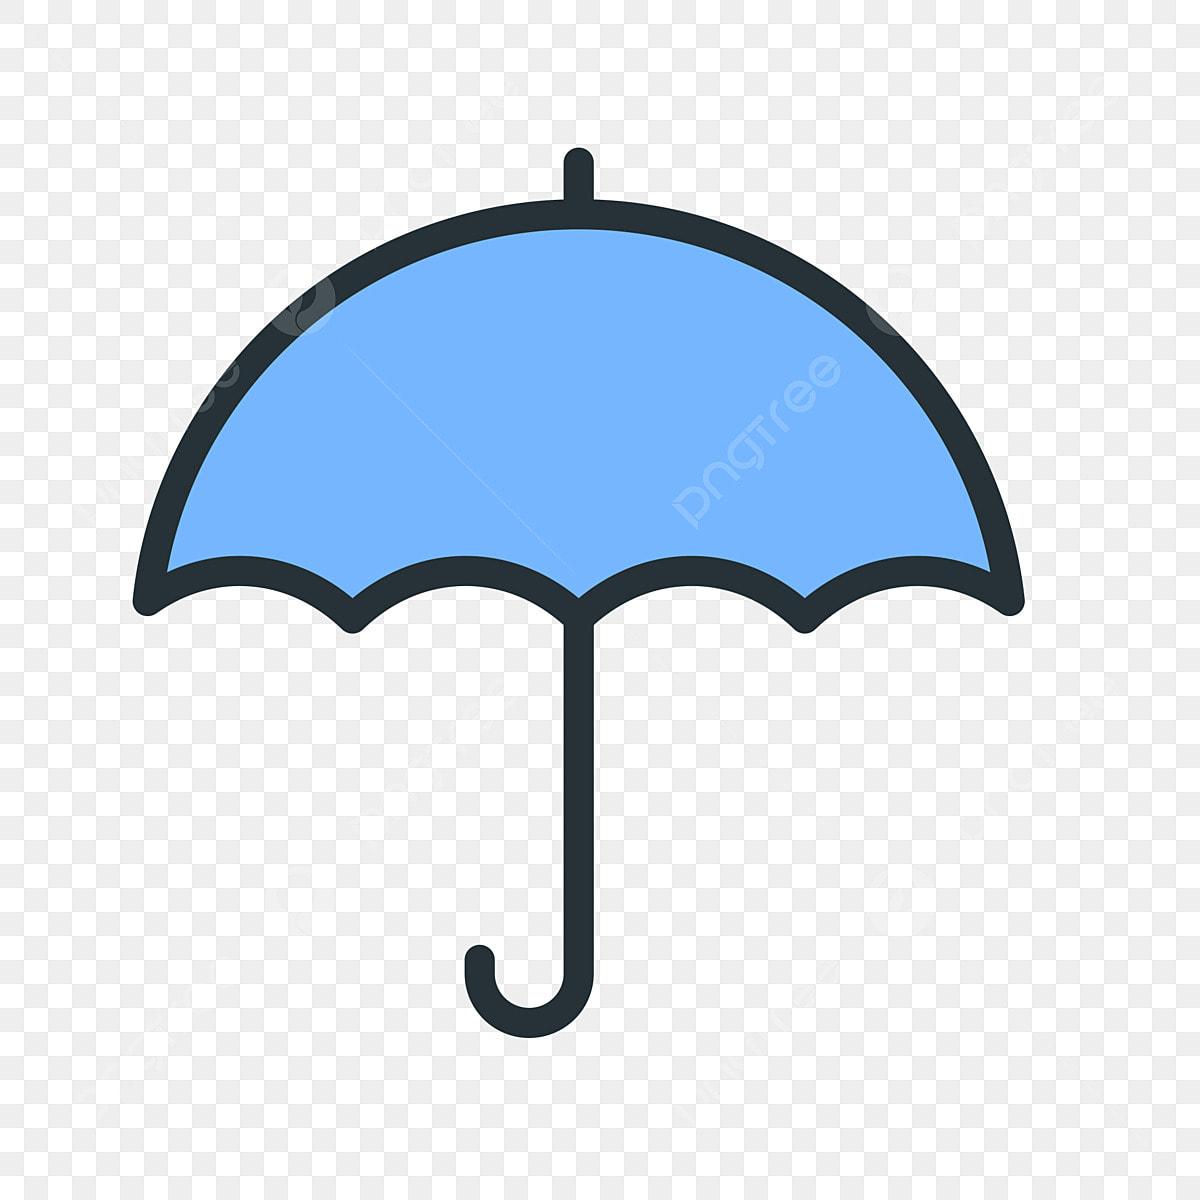 Umbrella Png Images Vector And Psd Files Free Download On Pngtree Pink umbrella purple , umbrella png clipart. https pngtree com freepng cartoon umbrella 4577638 html